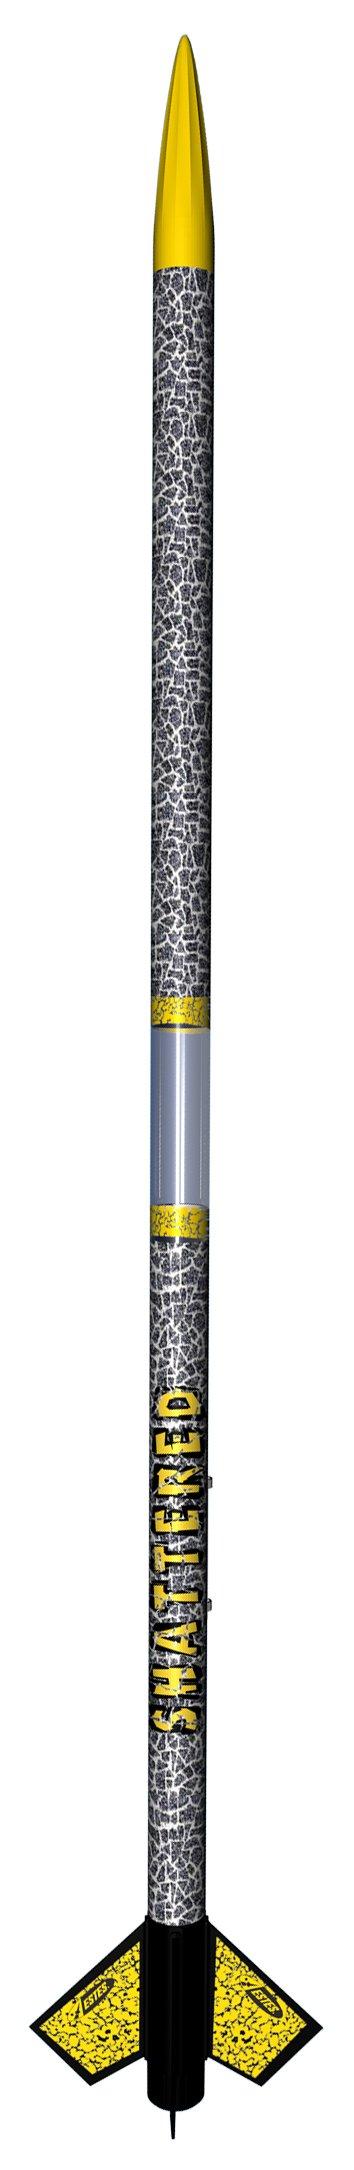 Estes Shattered Model Rocket Kit